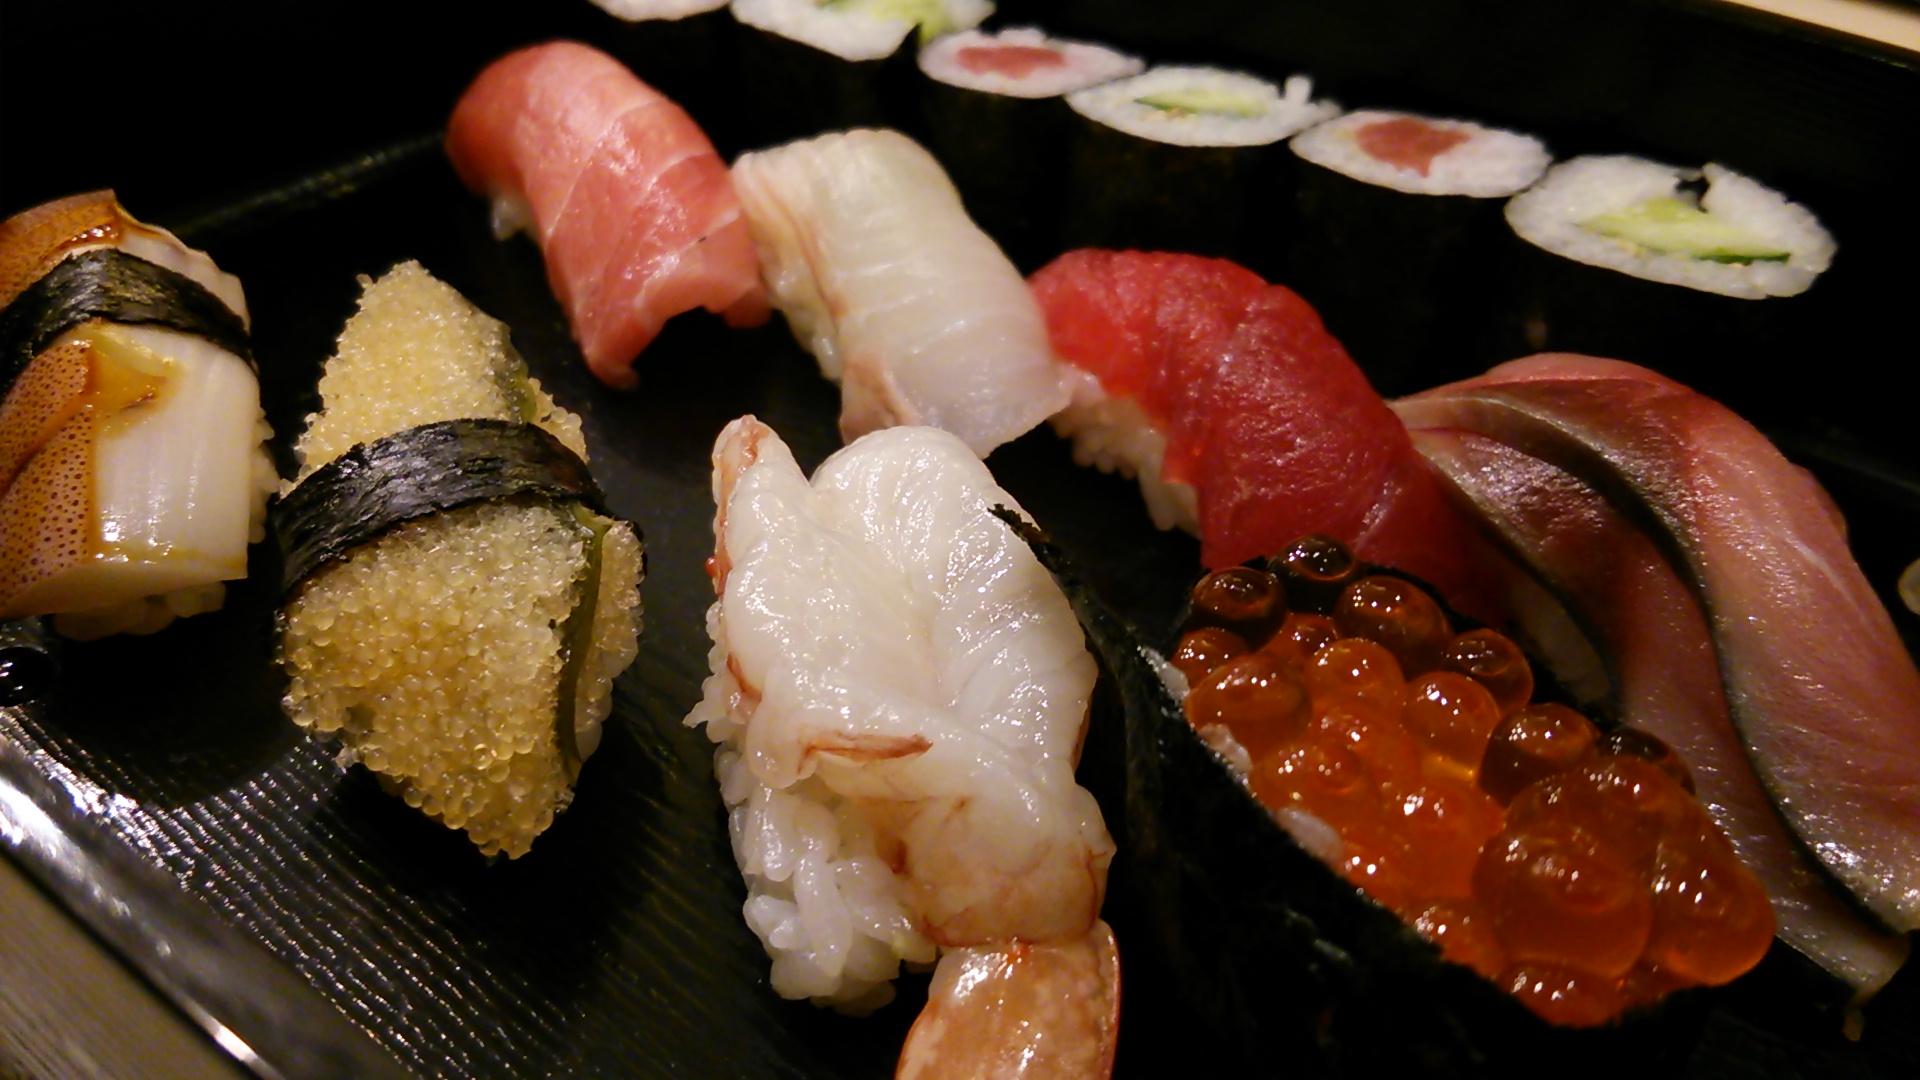 江戸時代で築地のお寿司